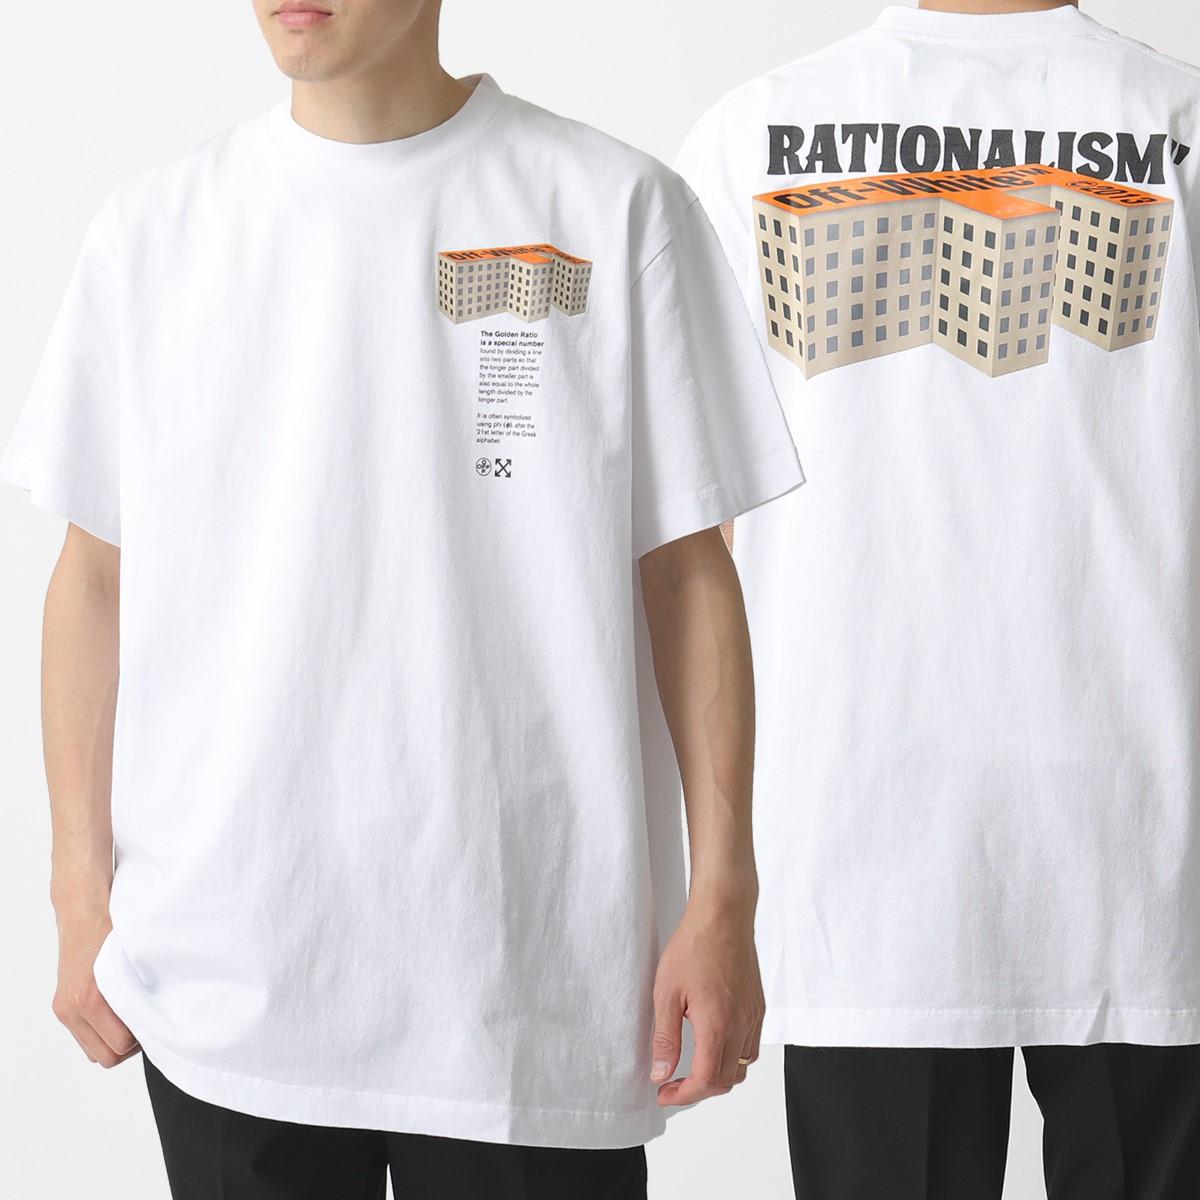 OFF-WHITE オフホワイト VIRGIL ABLOH OMAA038 R20 185007 半袖Tシャツ カットソー オーバーサイズ 0188 メンズ